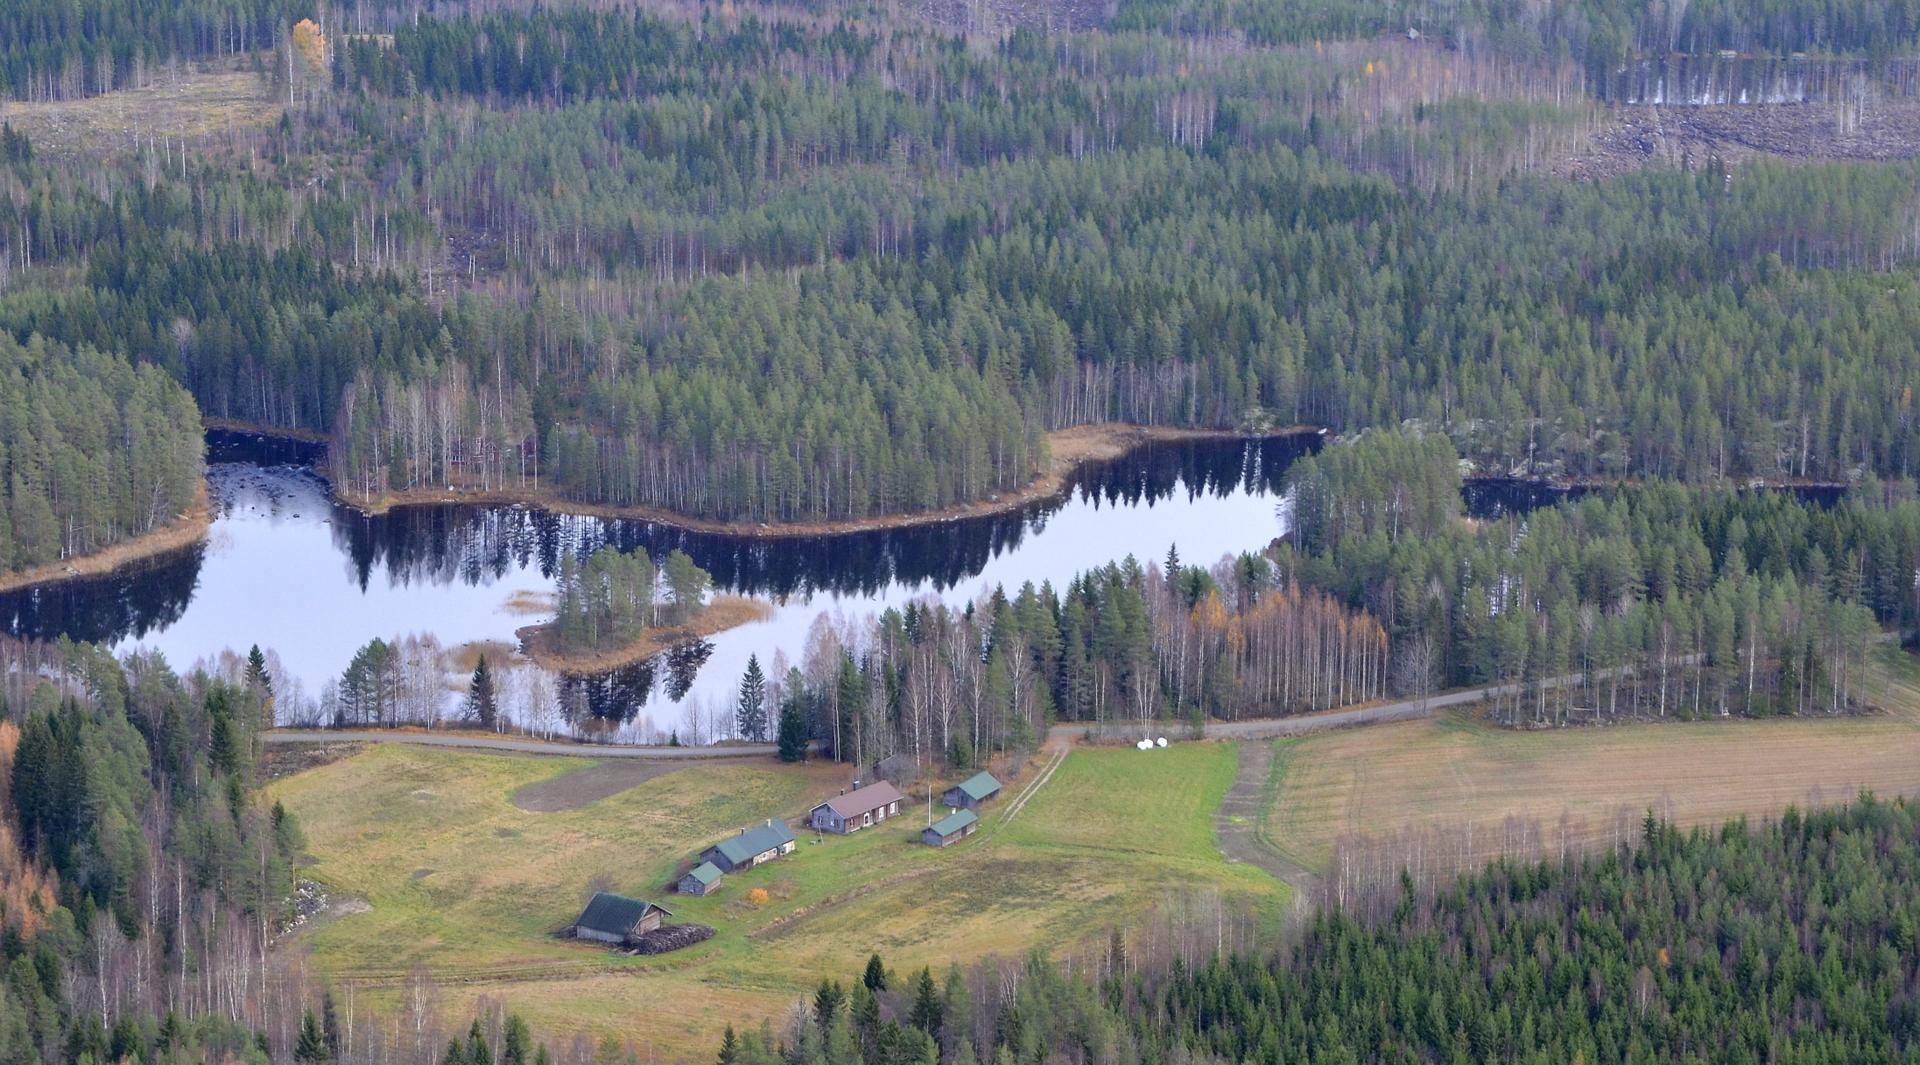 Tämä on lähes ohittamattoman hieno paikka Kärnä-Kymö koskireitin varrella, Kella.